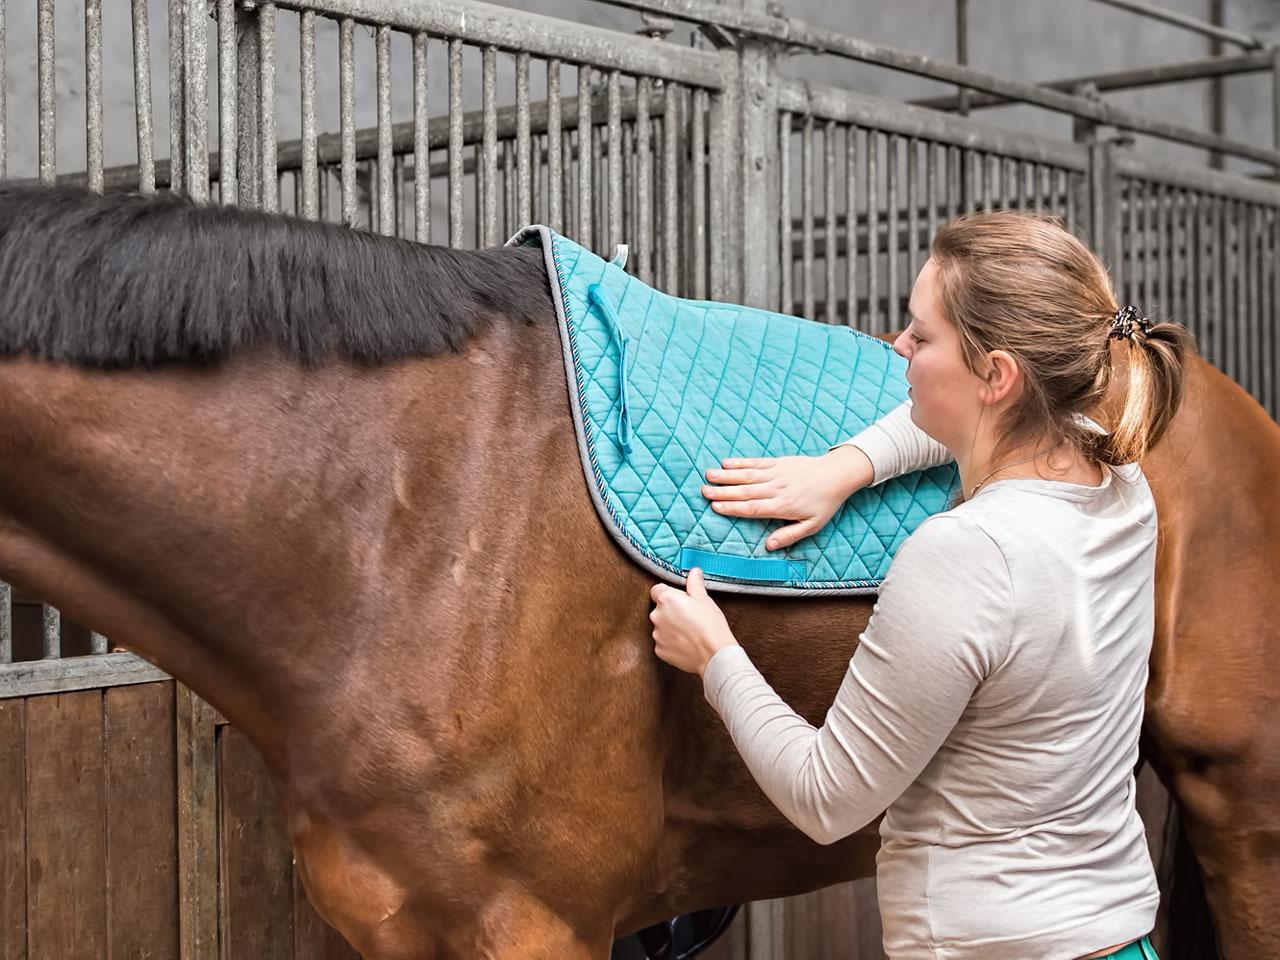 Schabracke wird auf <a href='https://www.tieranzeigen.at/pferde/' title='Kleinanzeigen: Pferd kaufen & verkaufen' class='link_xl'>Pferd</a> gelegt